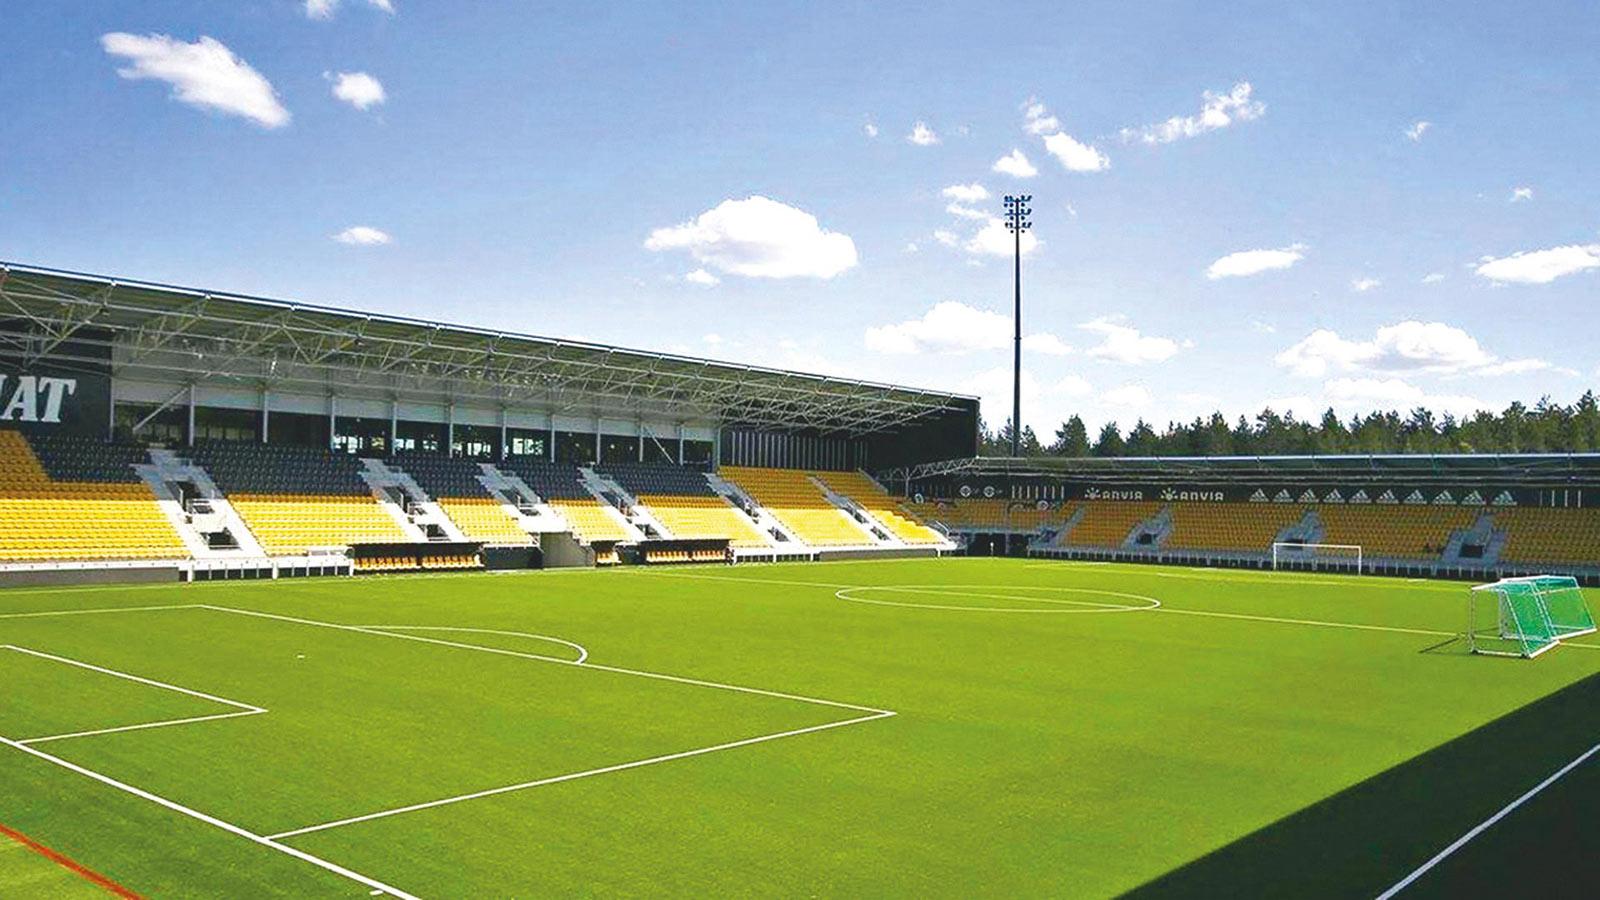 Monitoimihallit, katsomot ja stadionit rakentaa Trutec Oy. Tunnemme urheilu- ja liikuntatilarakentamisen erityispiirteet aina pienistä palloiluhalleista jalkapallostadioneihin saakka.